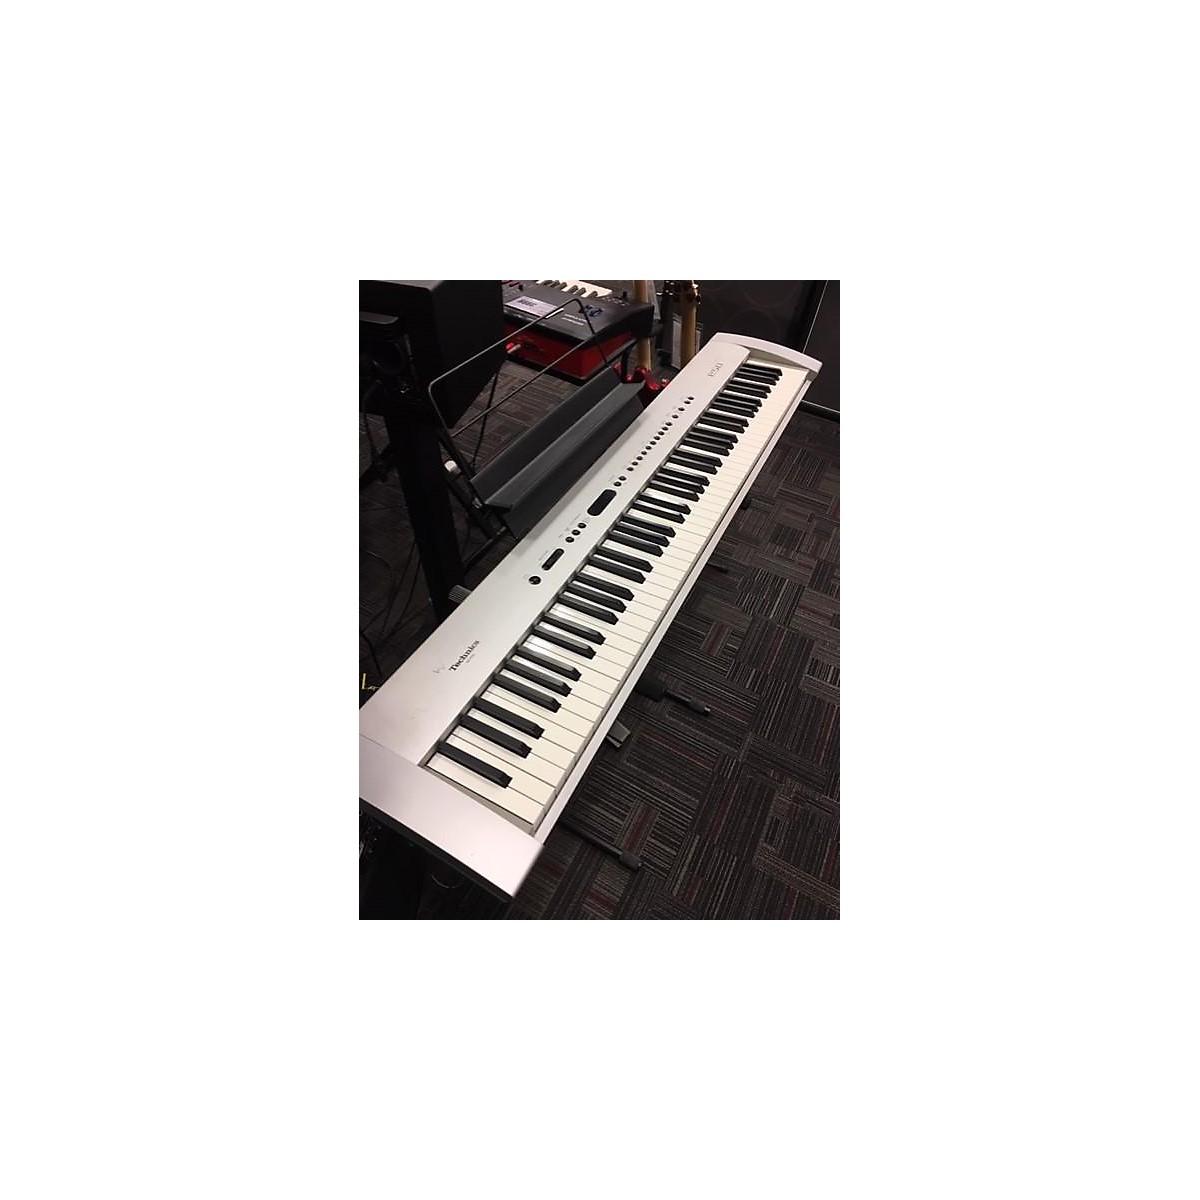 Technics Sx-p50 Stage Piano